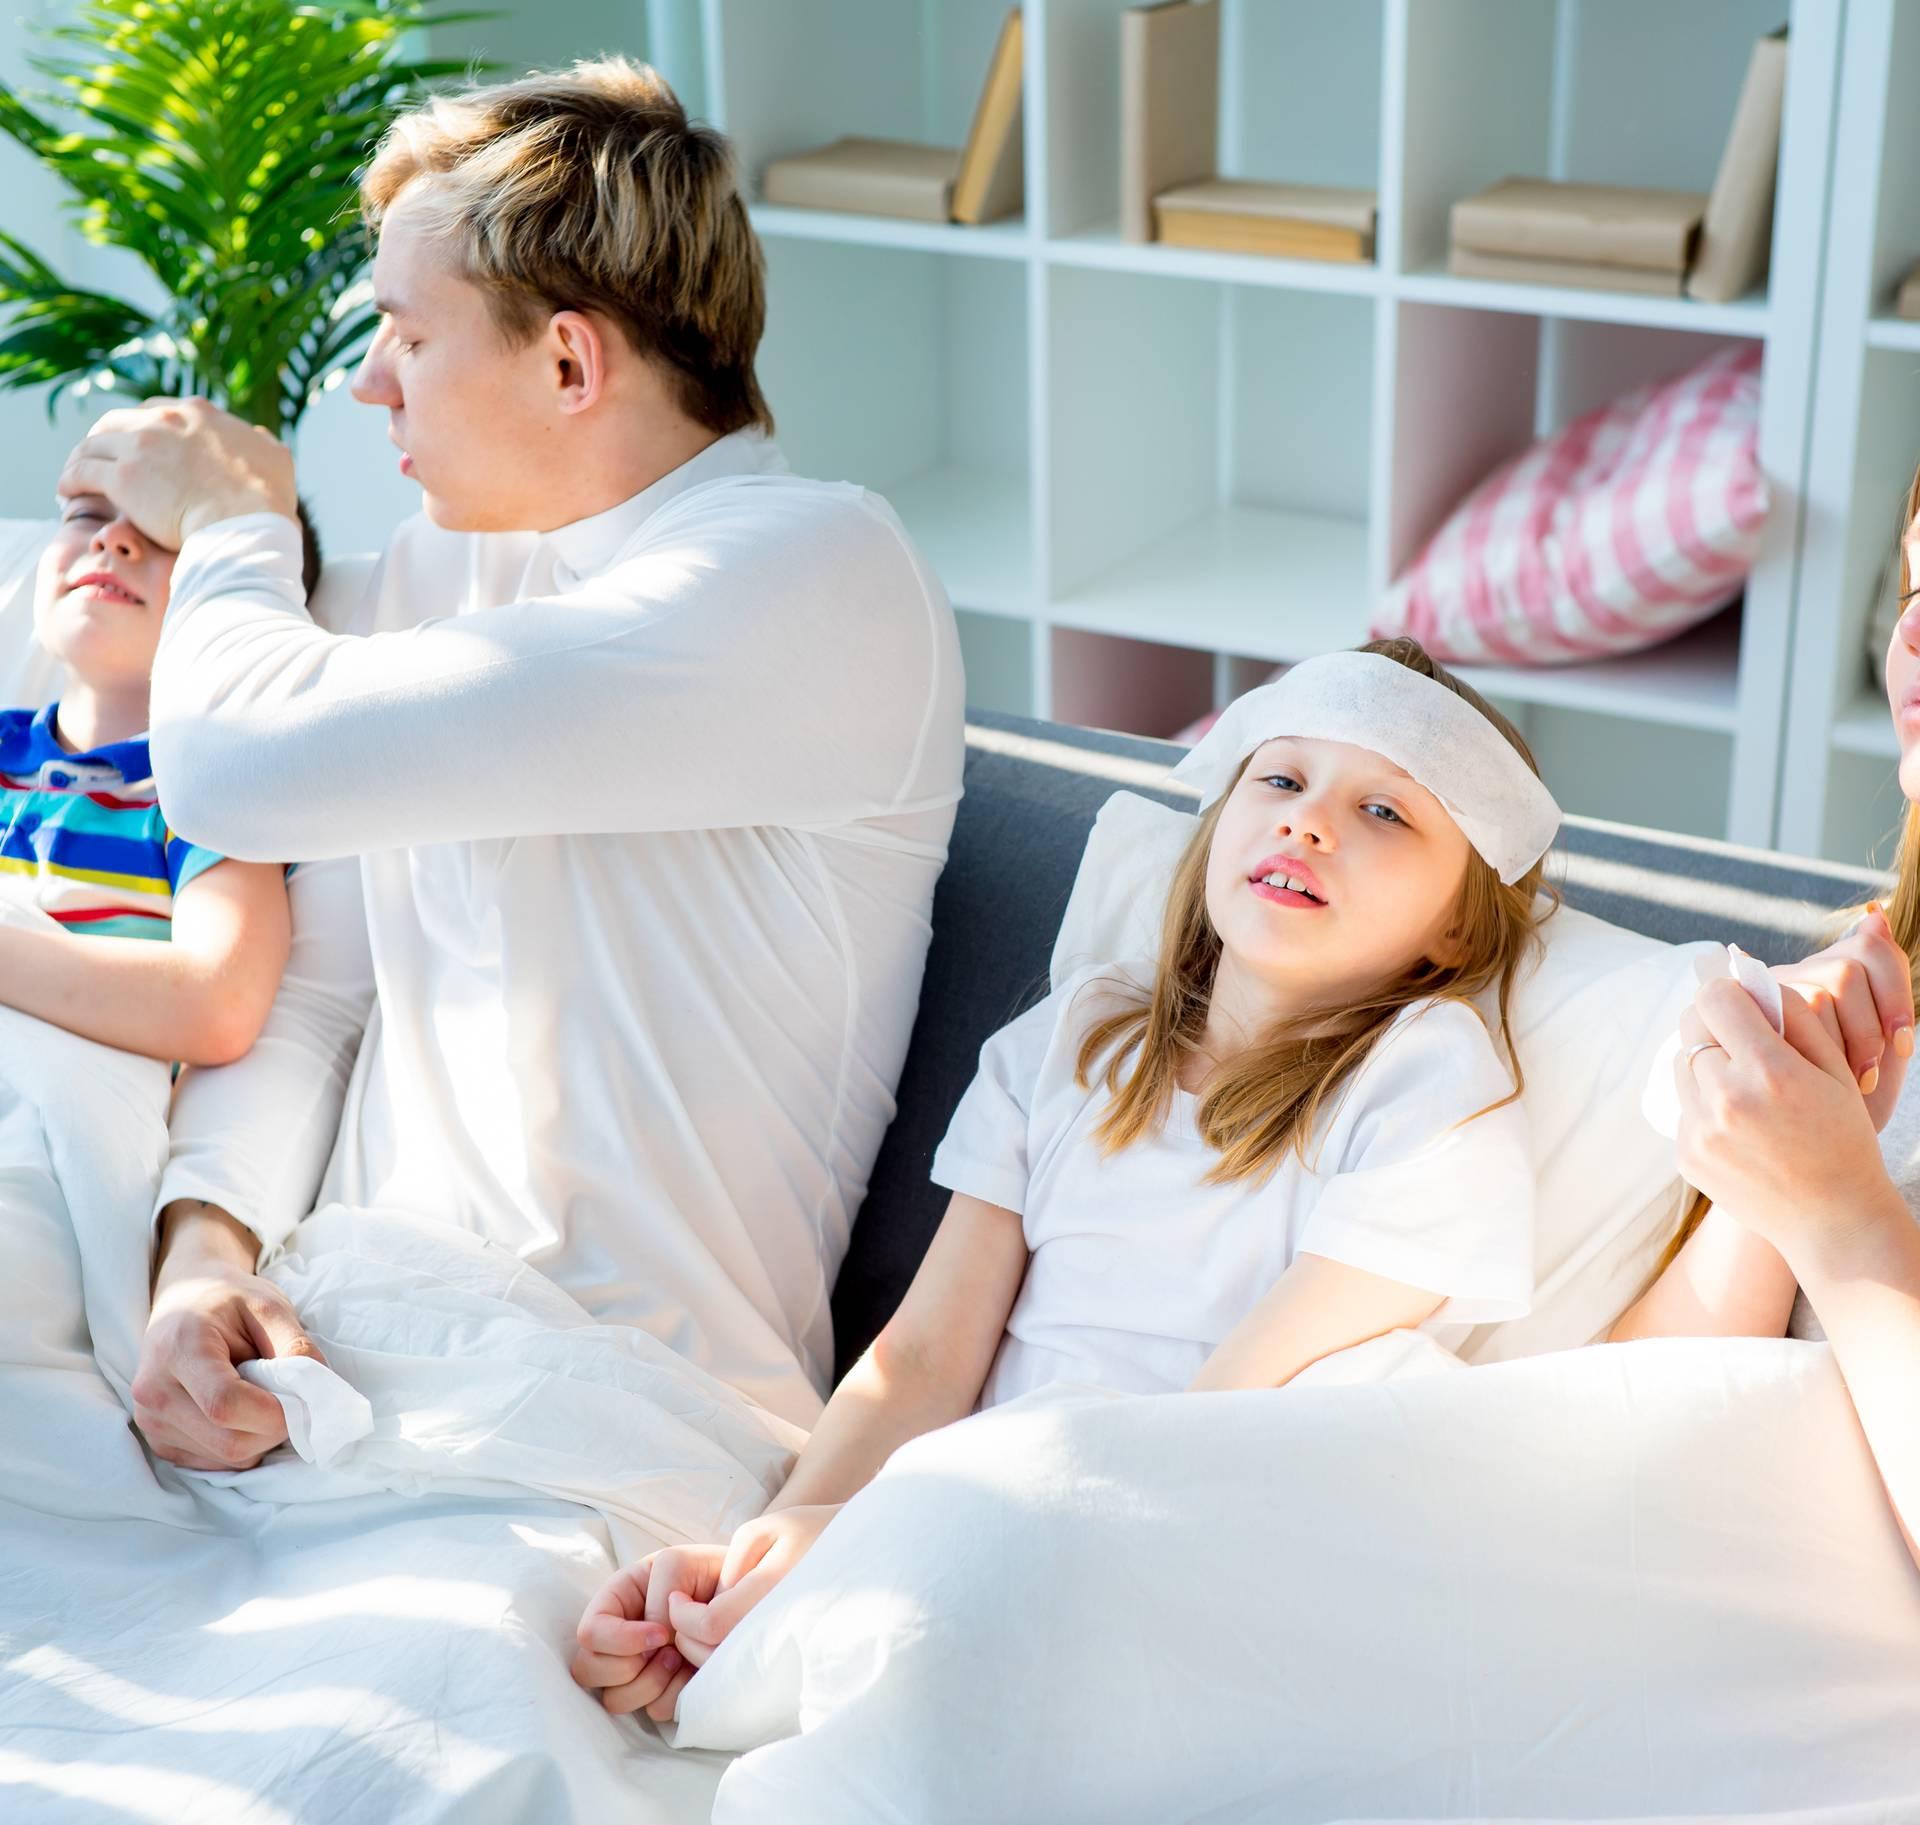 Ljetne viroze mogu završiti za djecu opasnom dehidracijom